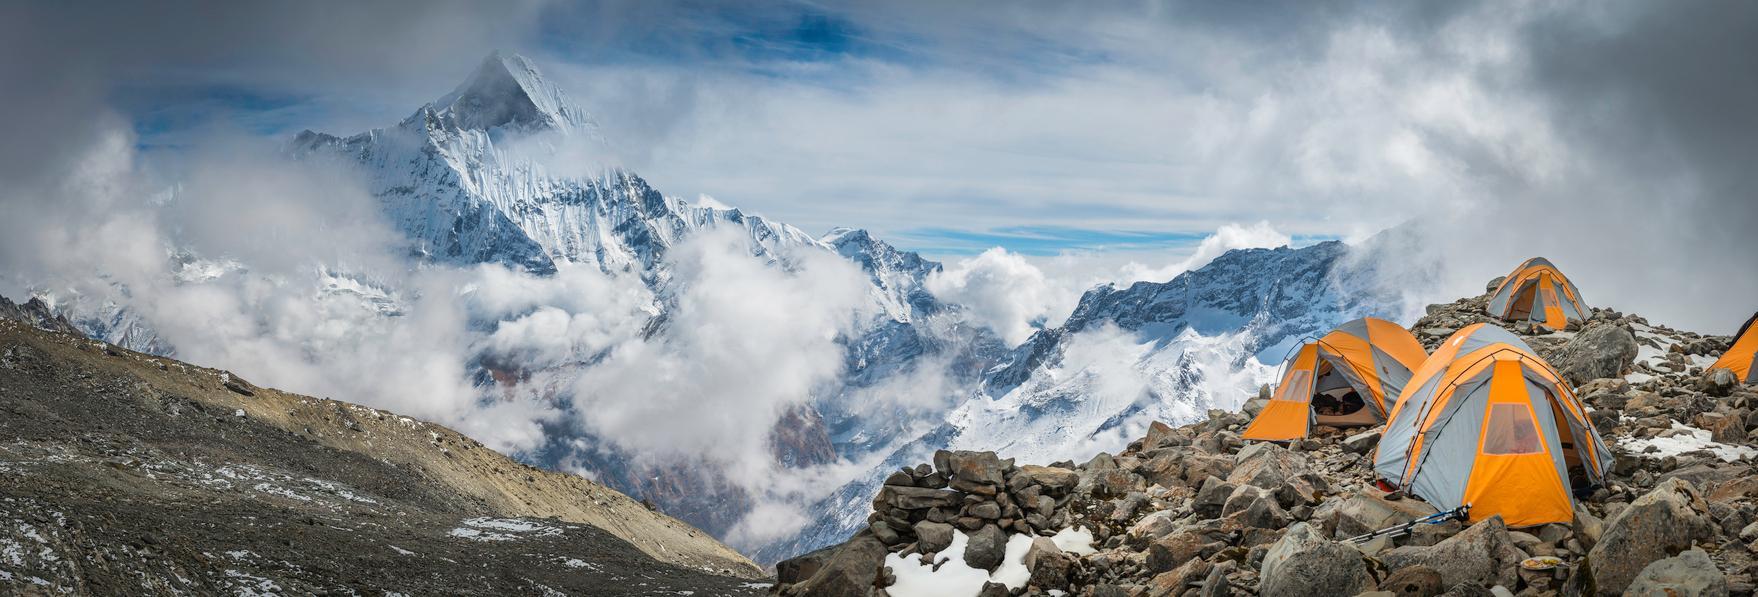 Zelte auf einem Berg im Himalaya.